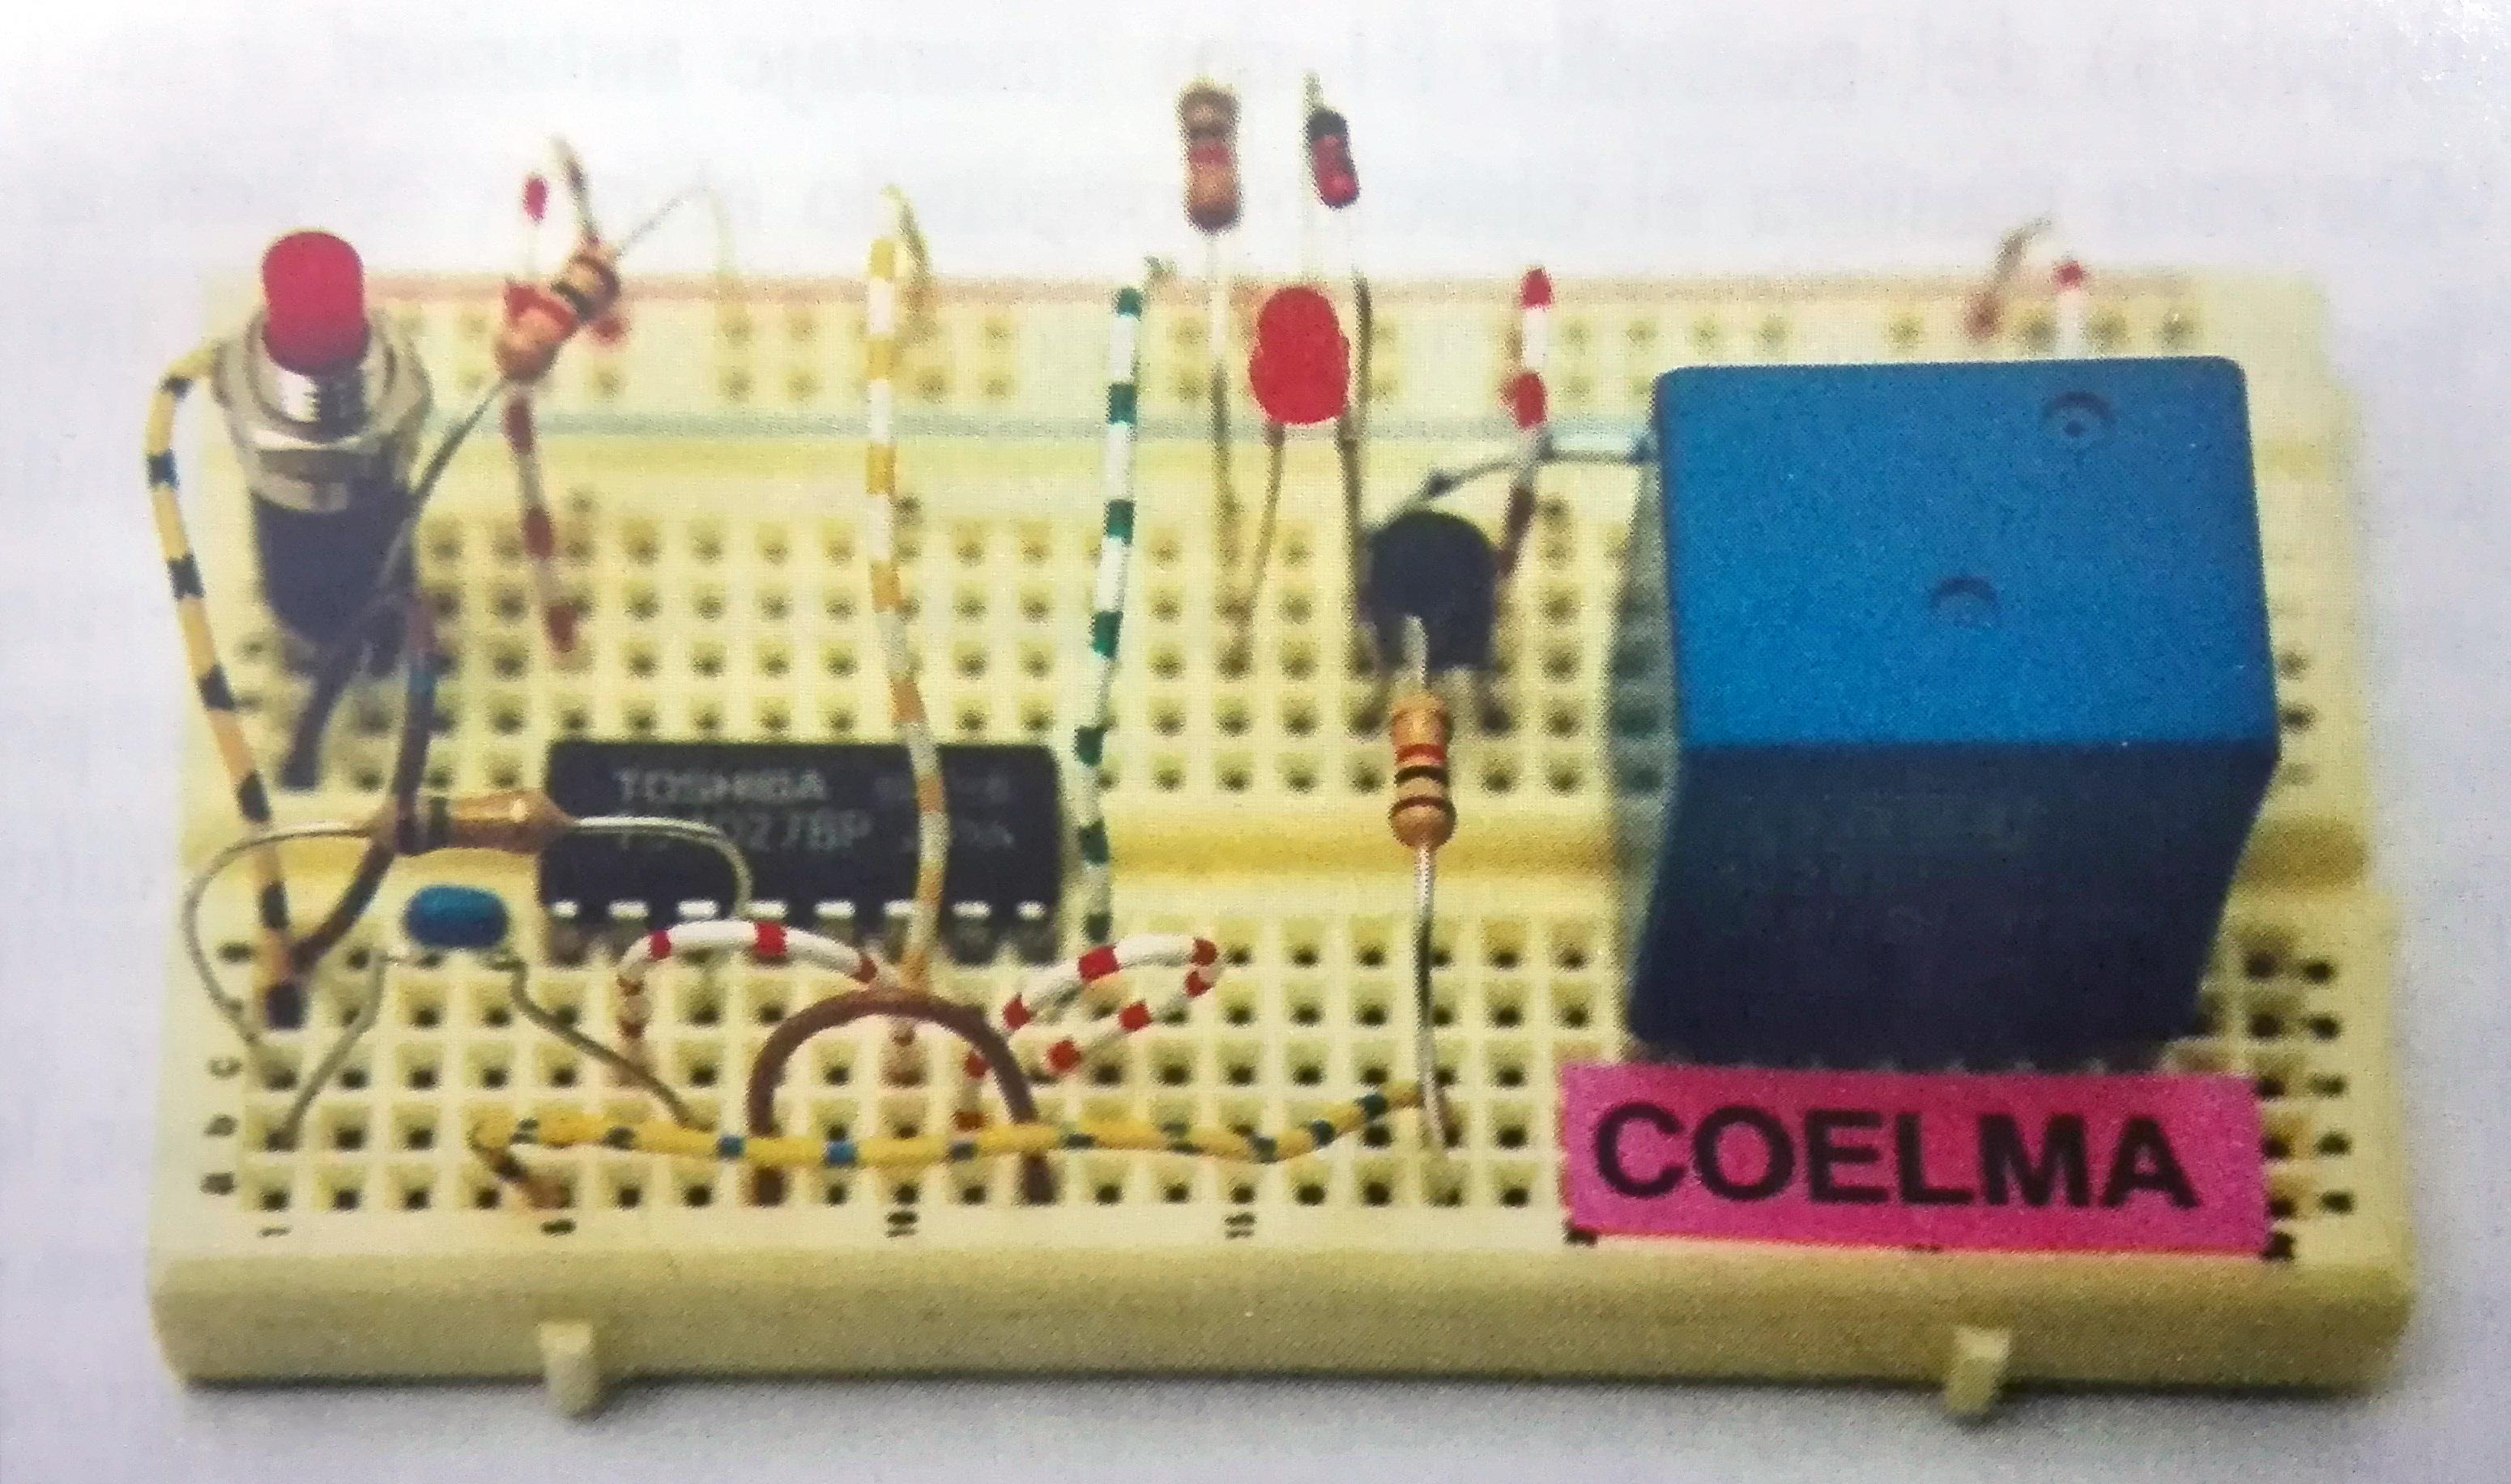 curso de electronica de todoelectronica para aprender practicando